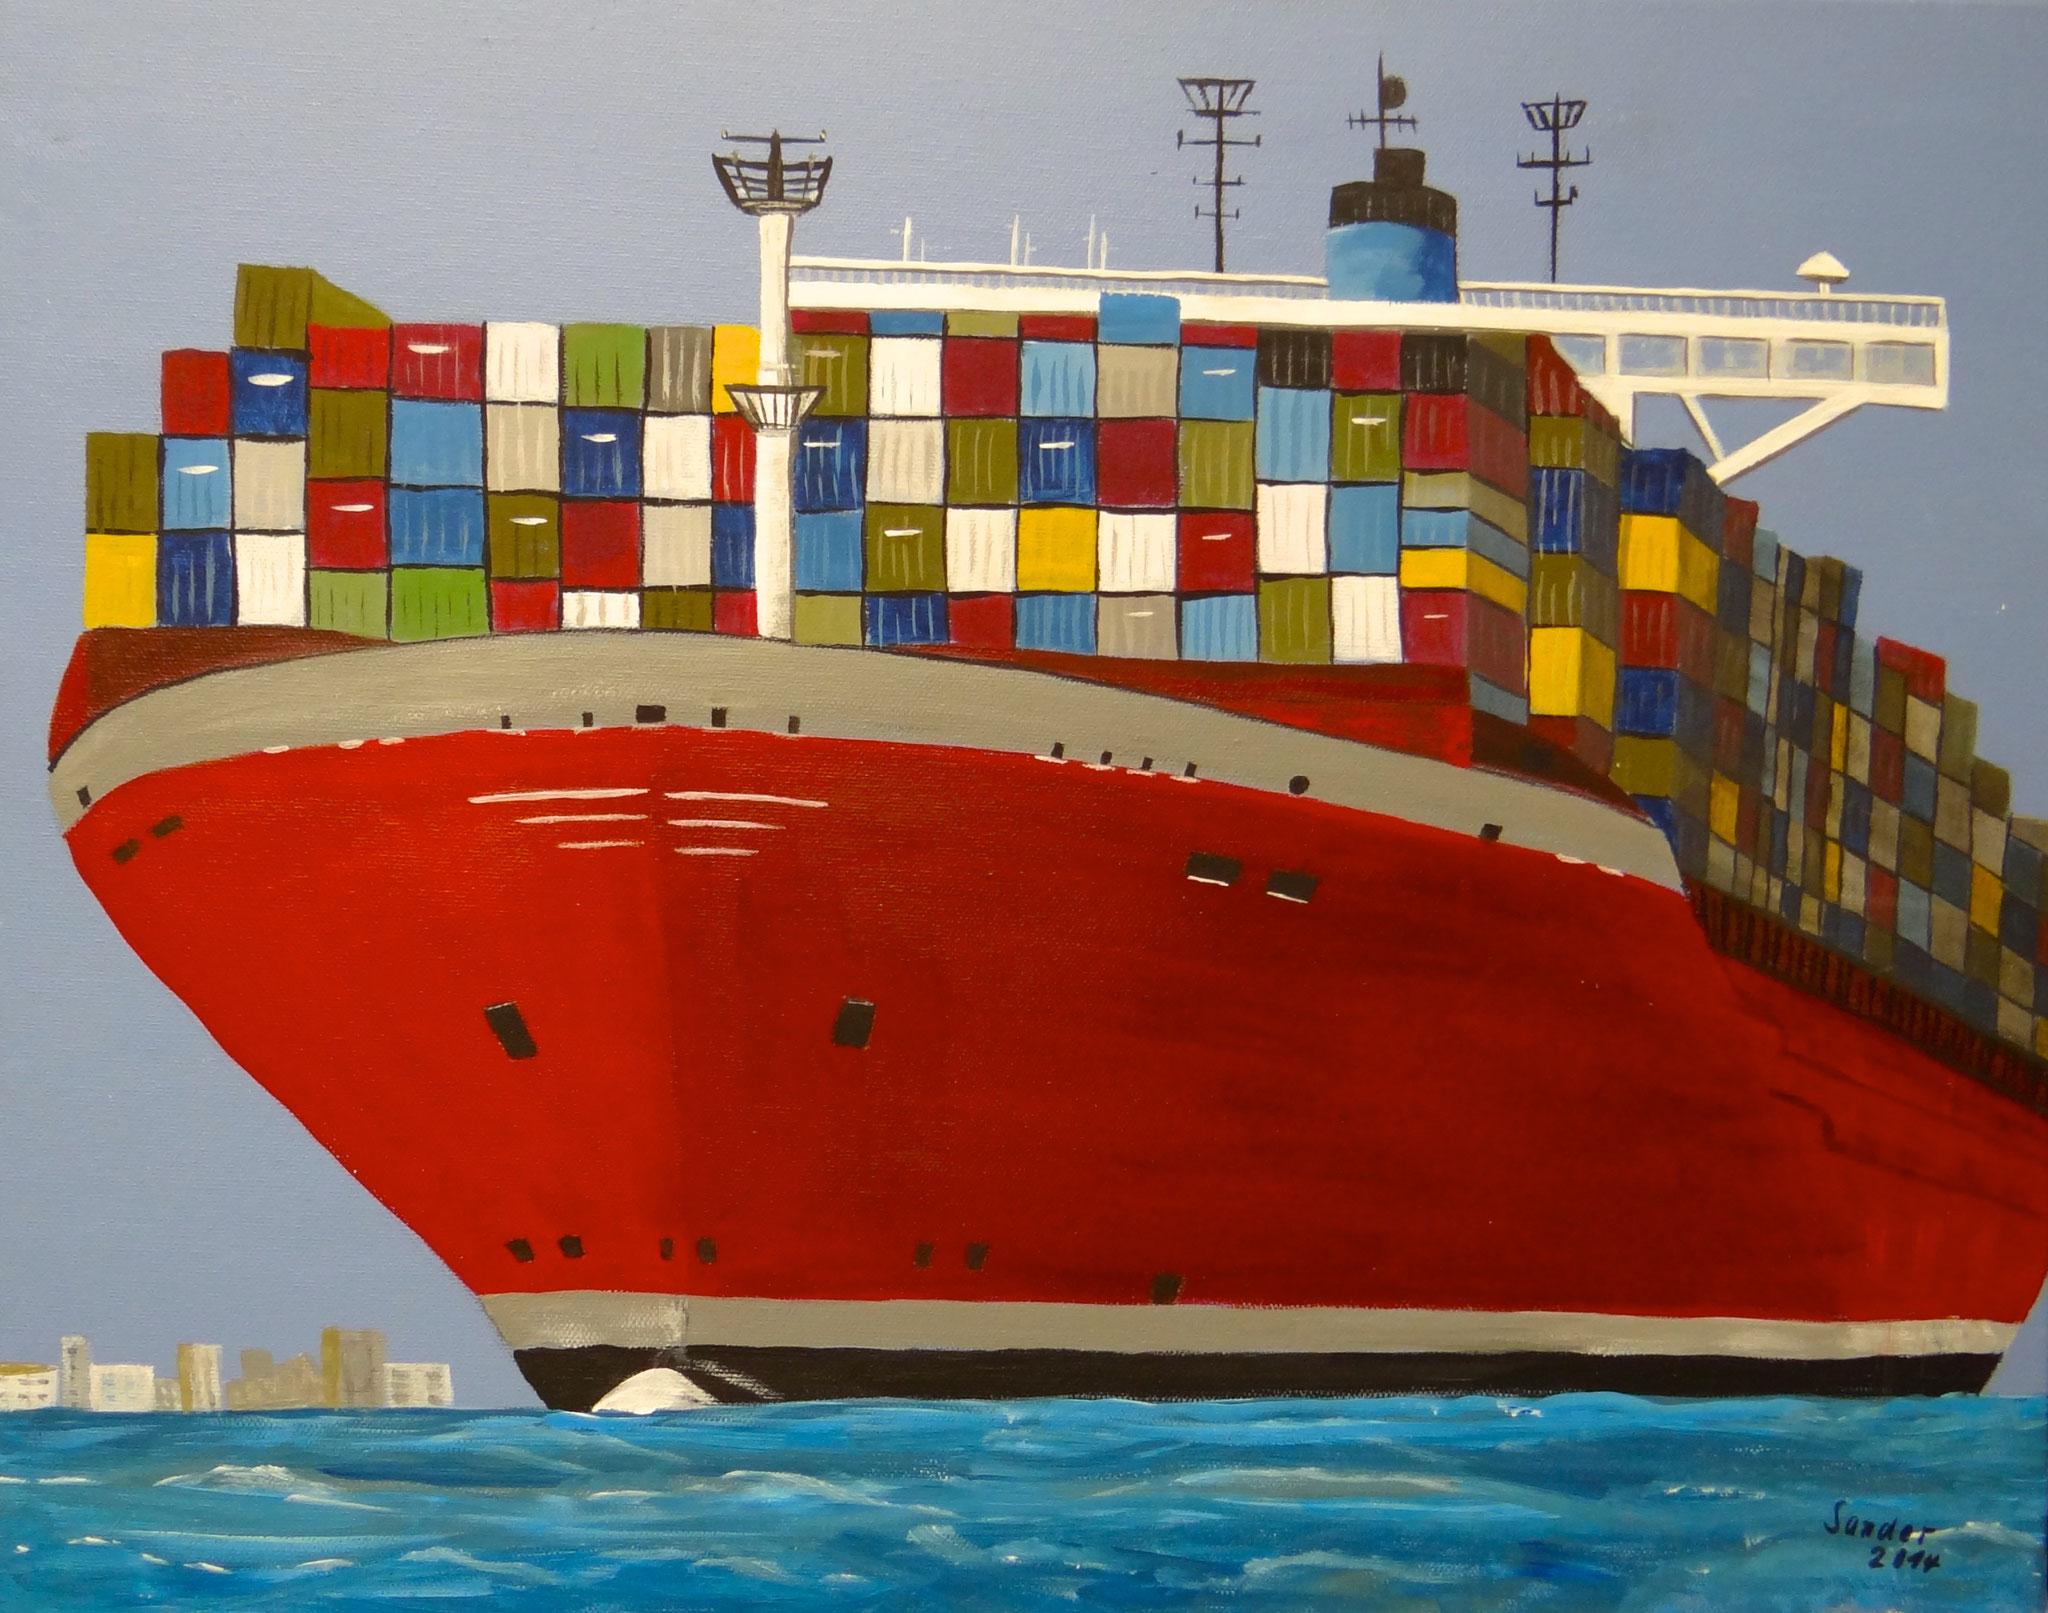 Containerschiff 2 - 50 x 40 cm, Acrylfarben auf Keilrahmen, signiert und datiert 2014